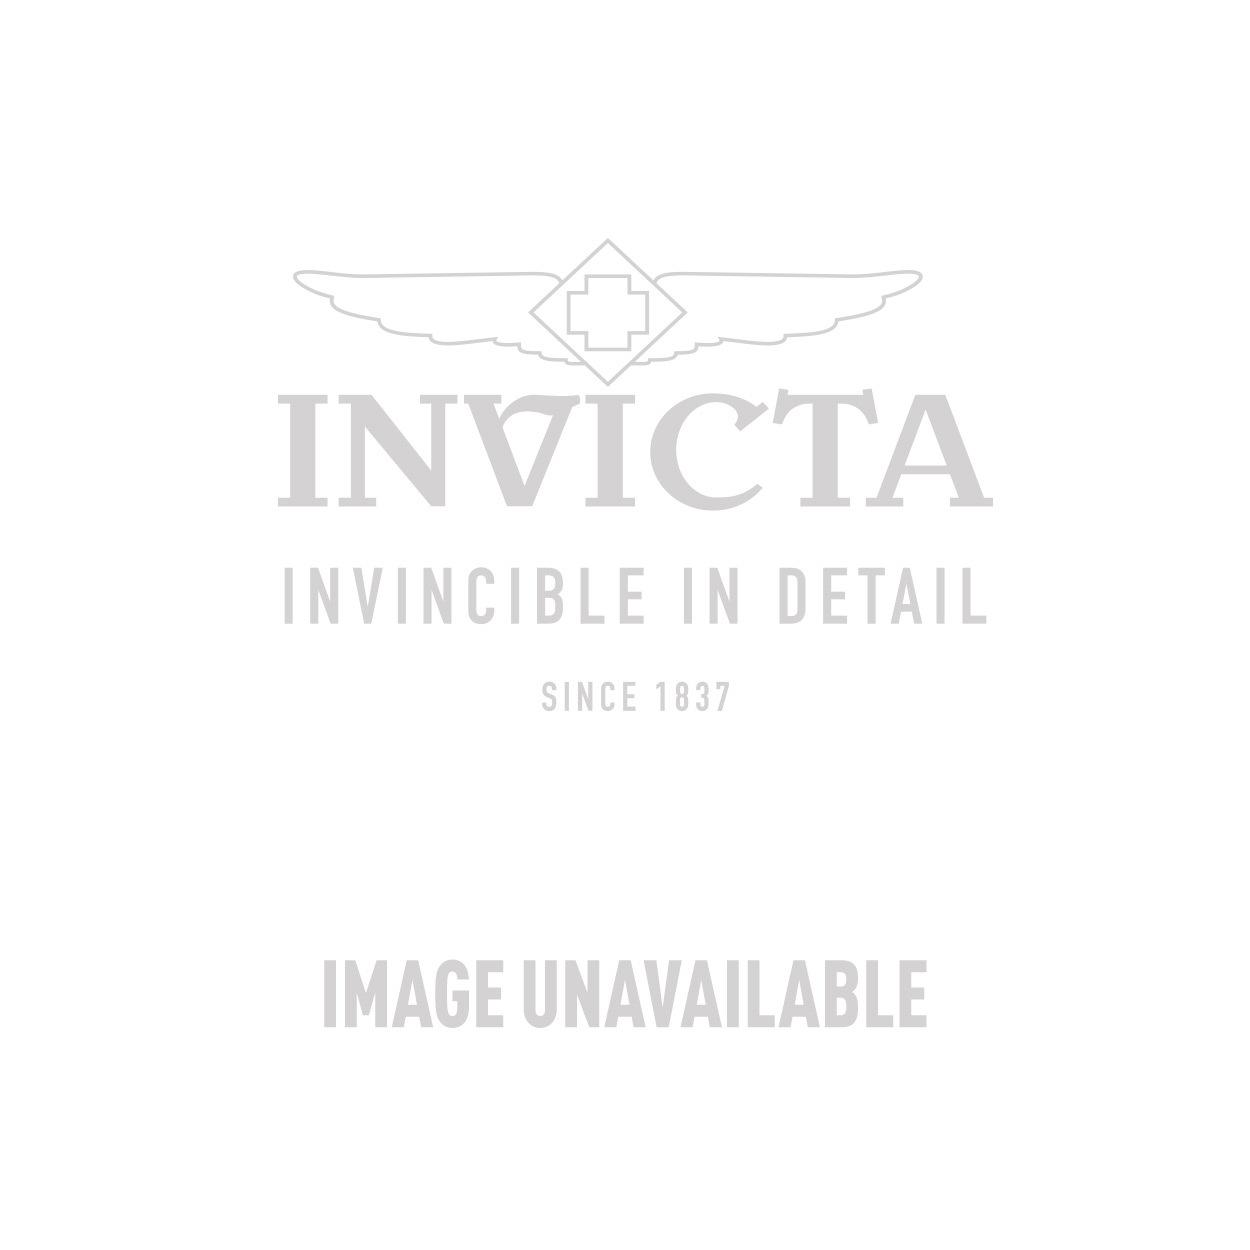 Invicta Model 24926